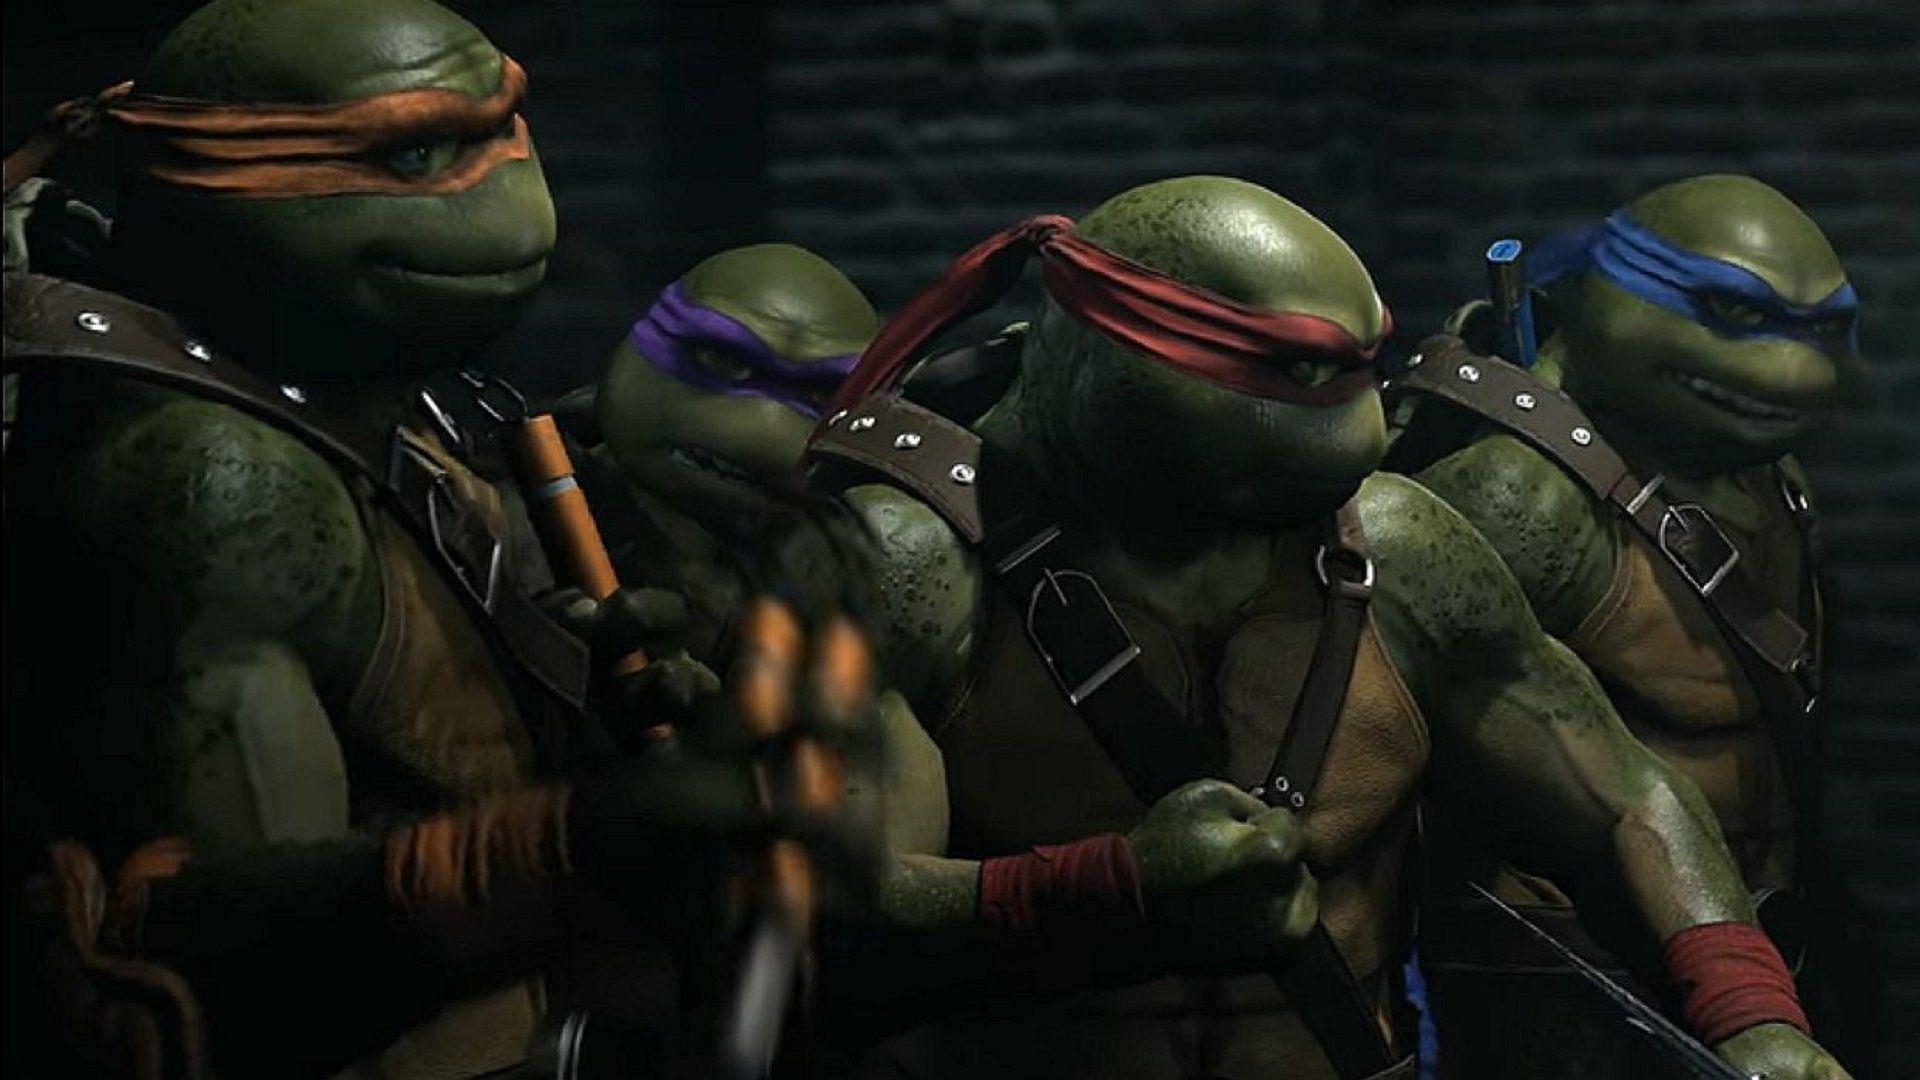 Injustice 2 S Teenage Mutant Ninja Turtles Get A Trailer And A Release Date Teenage Mutant Ninja Turtles Ninja Turtles Tmnt